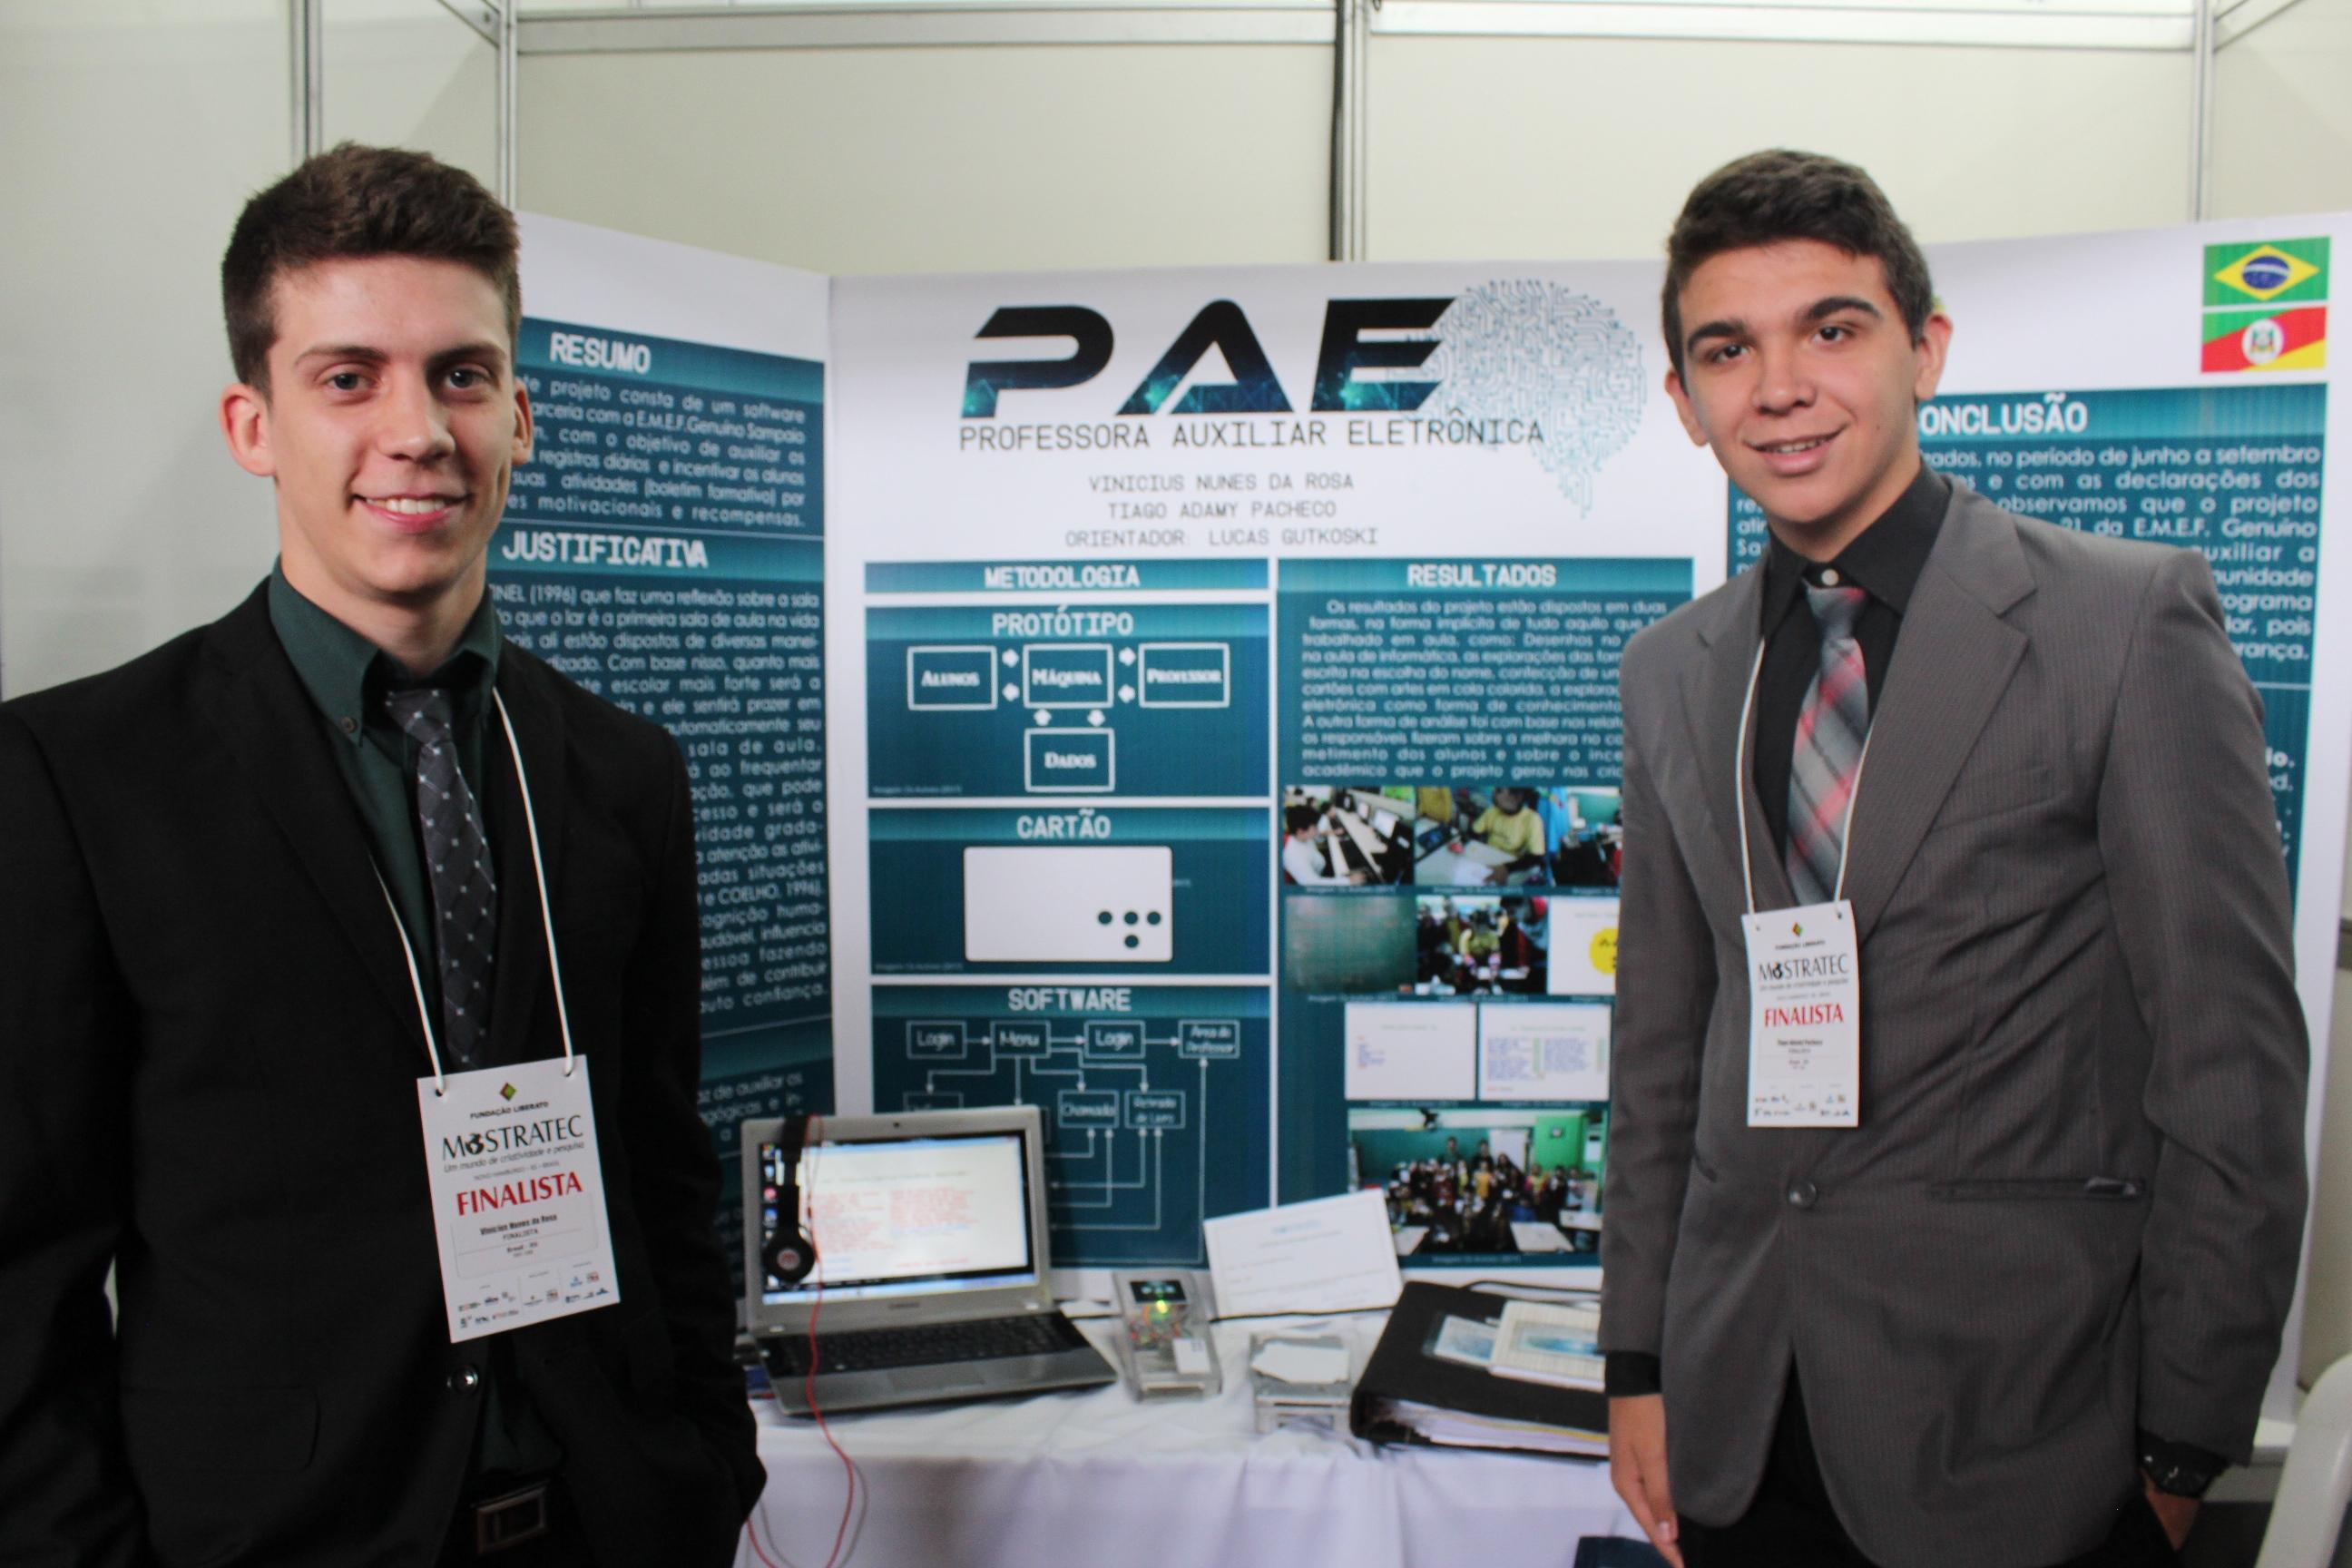 Alunos da Fundação Liberato, Vinícius e Thiago desenvolveram um software de estímulo a alunos em fase de alfabetização e que auxilia as professoras a ter controle de frequência e realização de tarefas